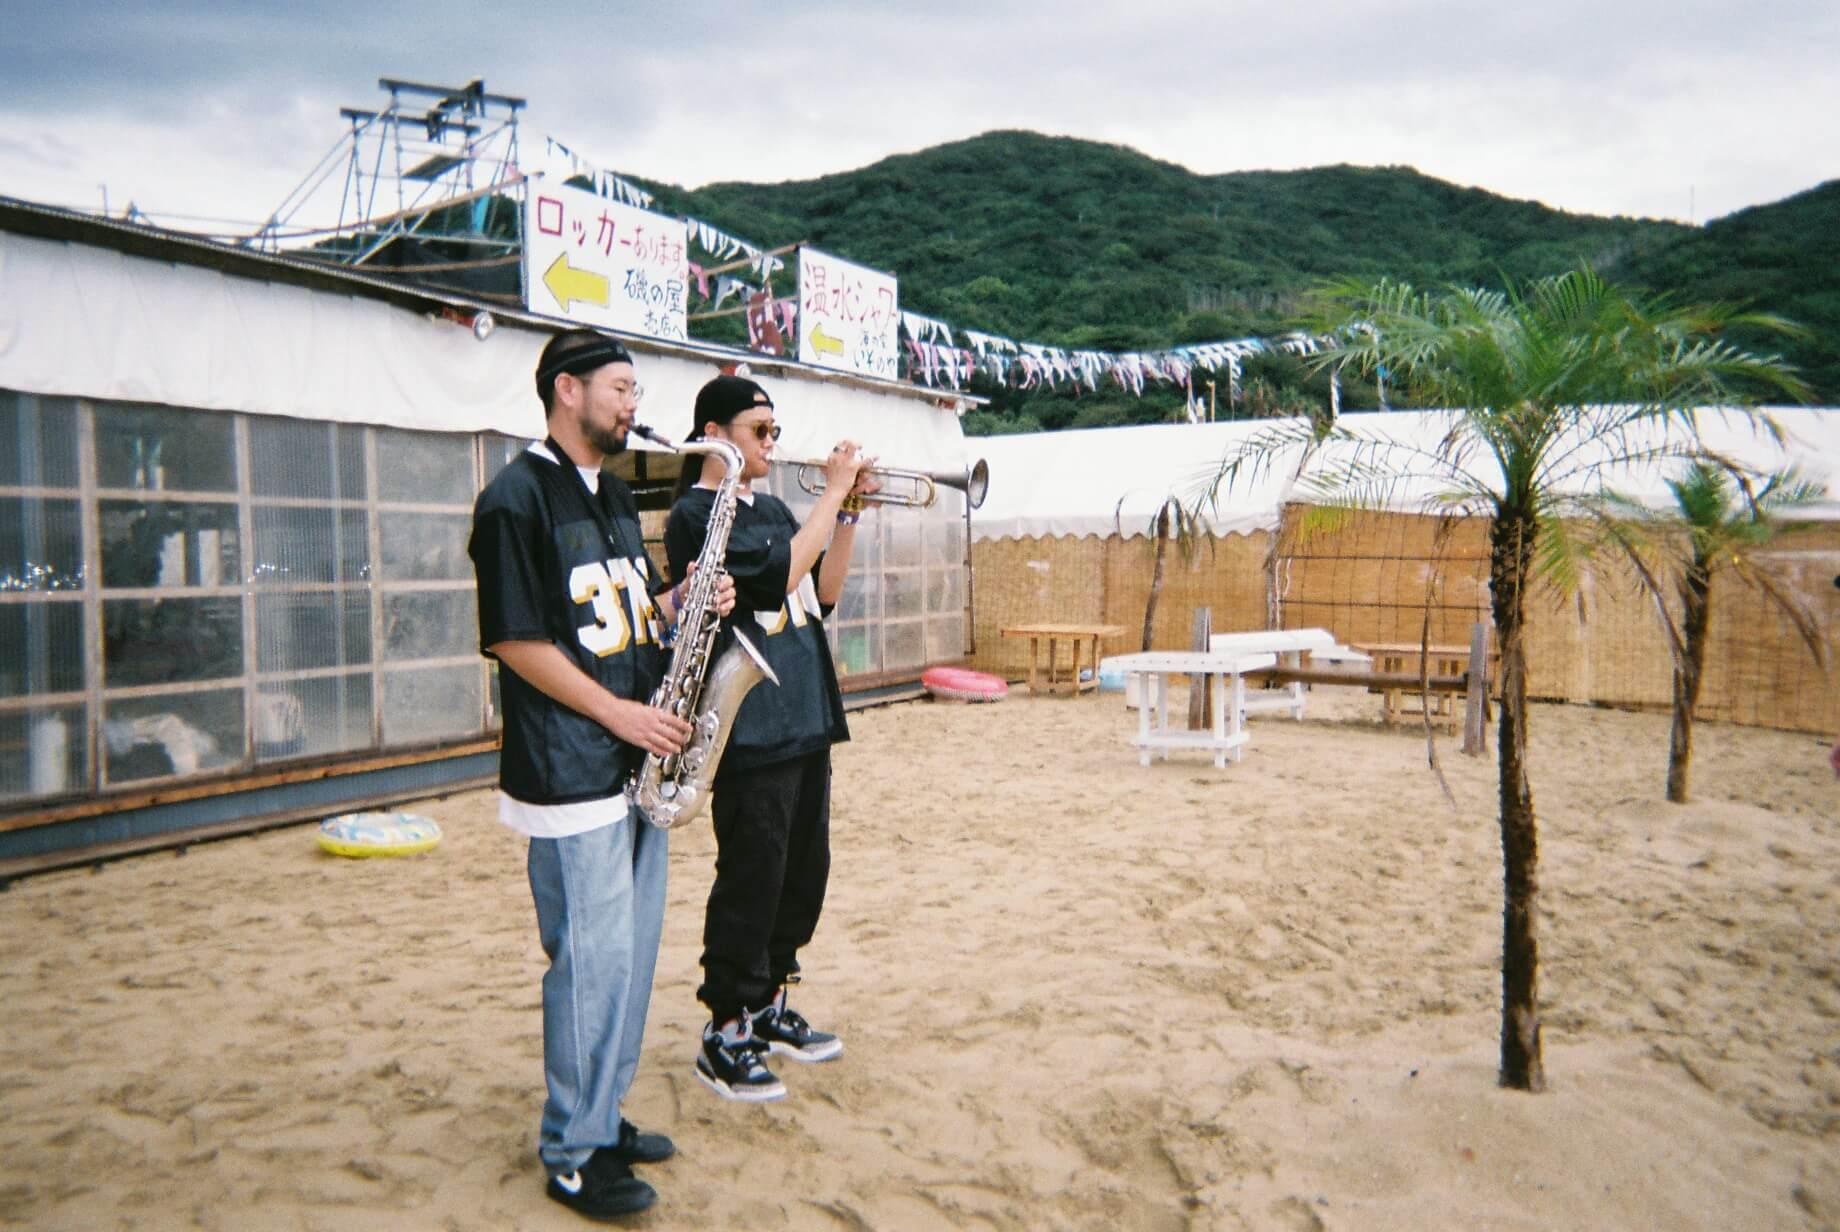 フェスレポート SANABAGUN.が切り取る<Sunset Live 2018> music1810-sanabagun-11